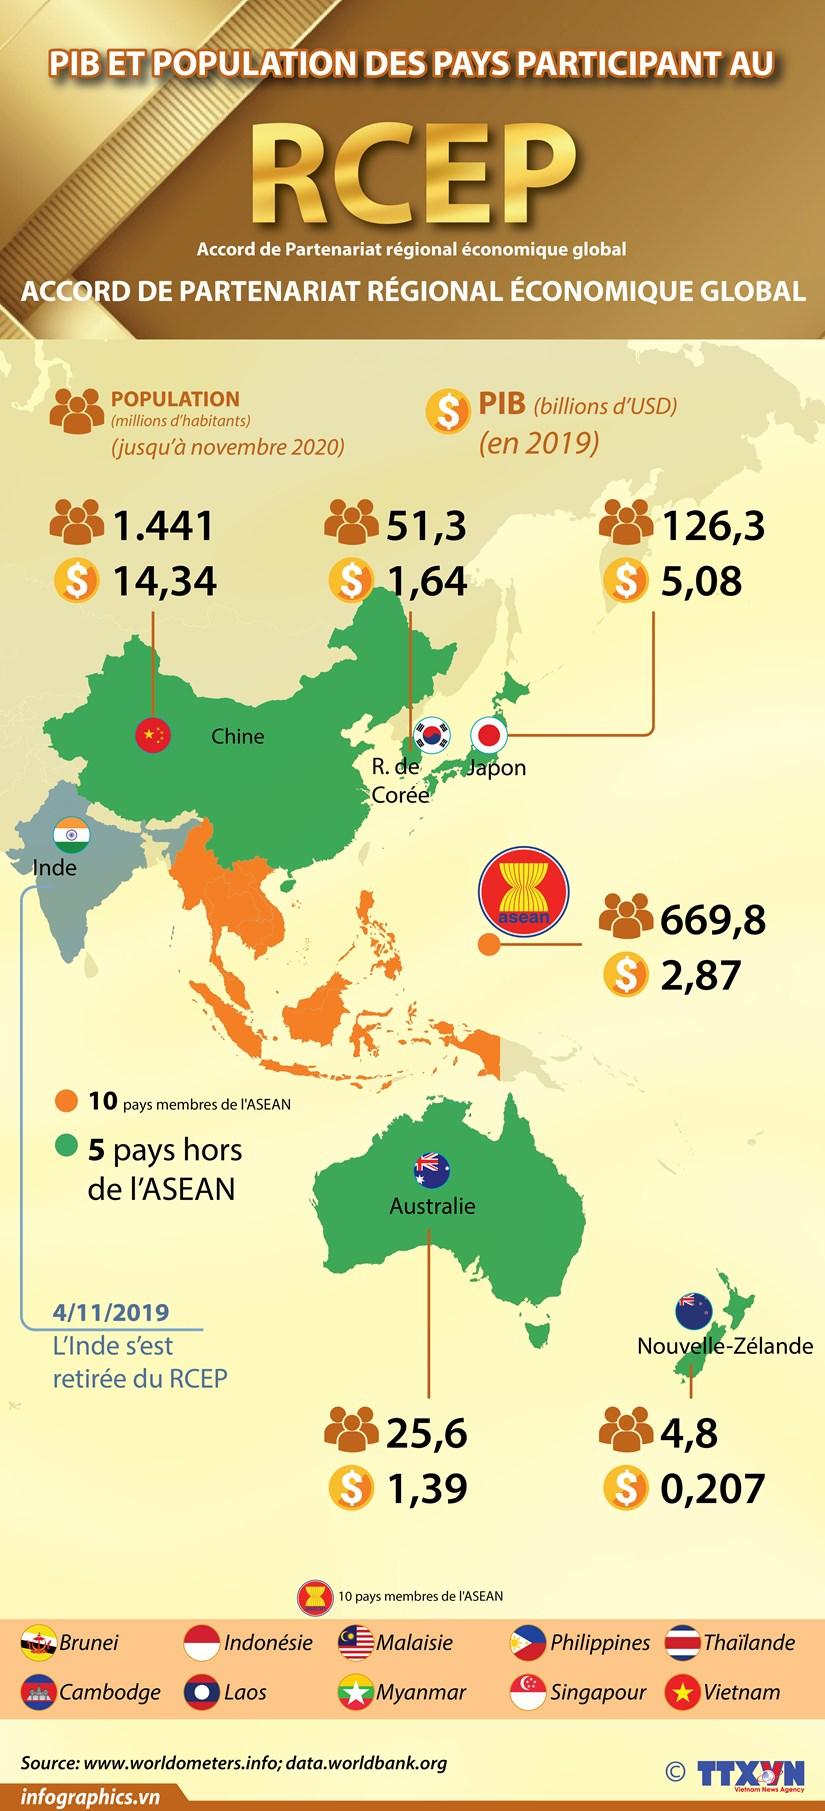 PIB et population des pays participant au RCEP hinh anh 1